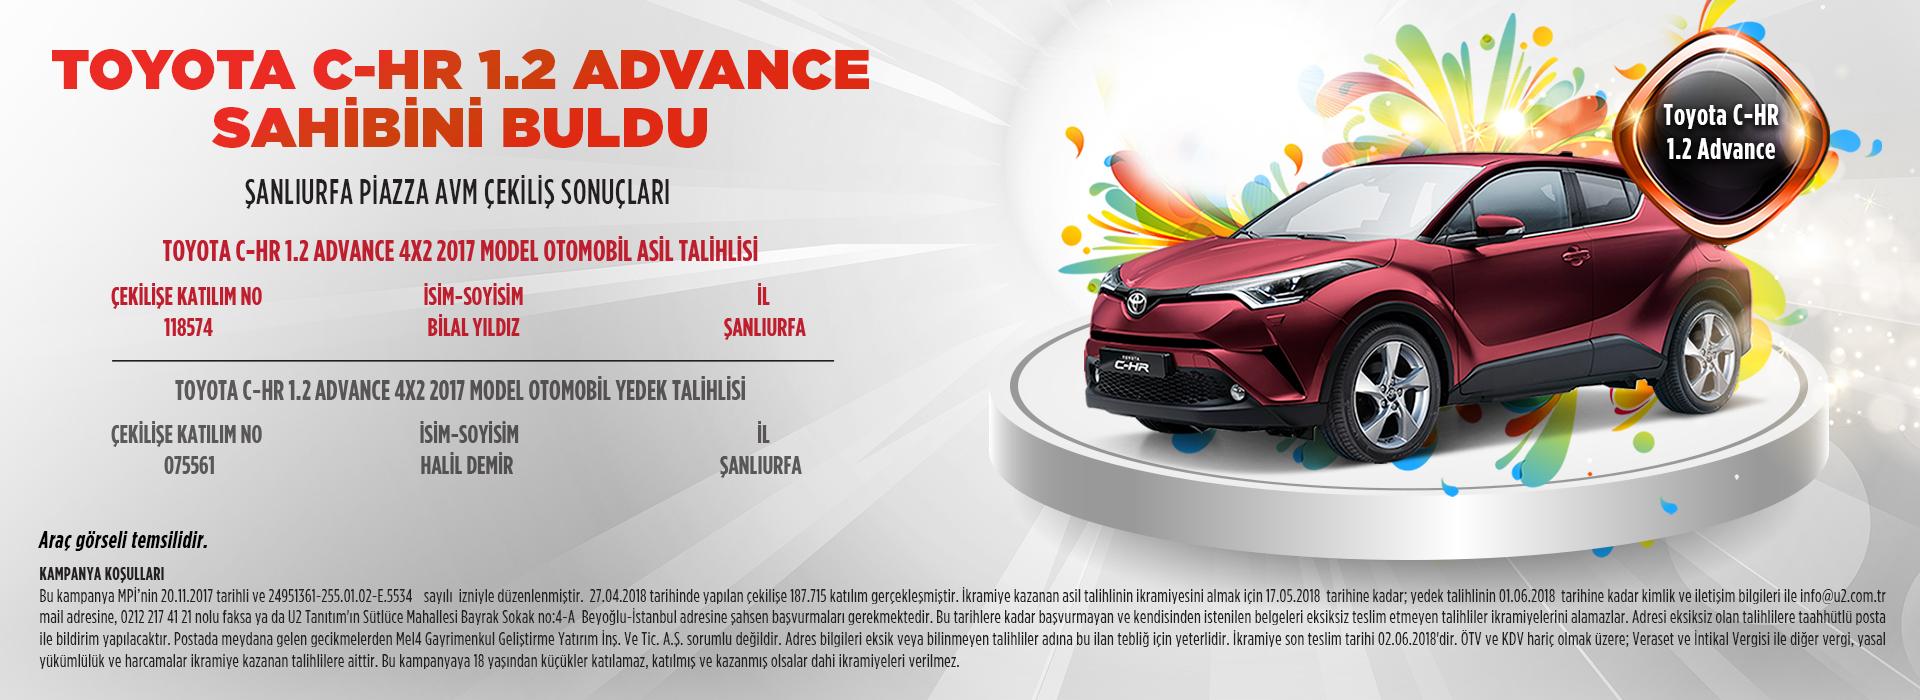 Toyota C-HR 1.2 Advance Sahibini Buldu